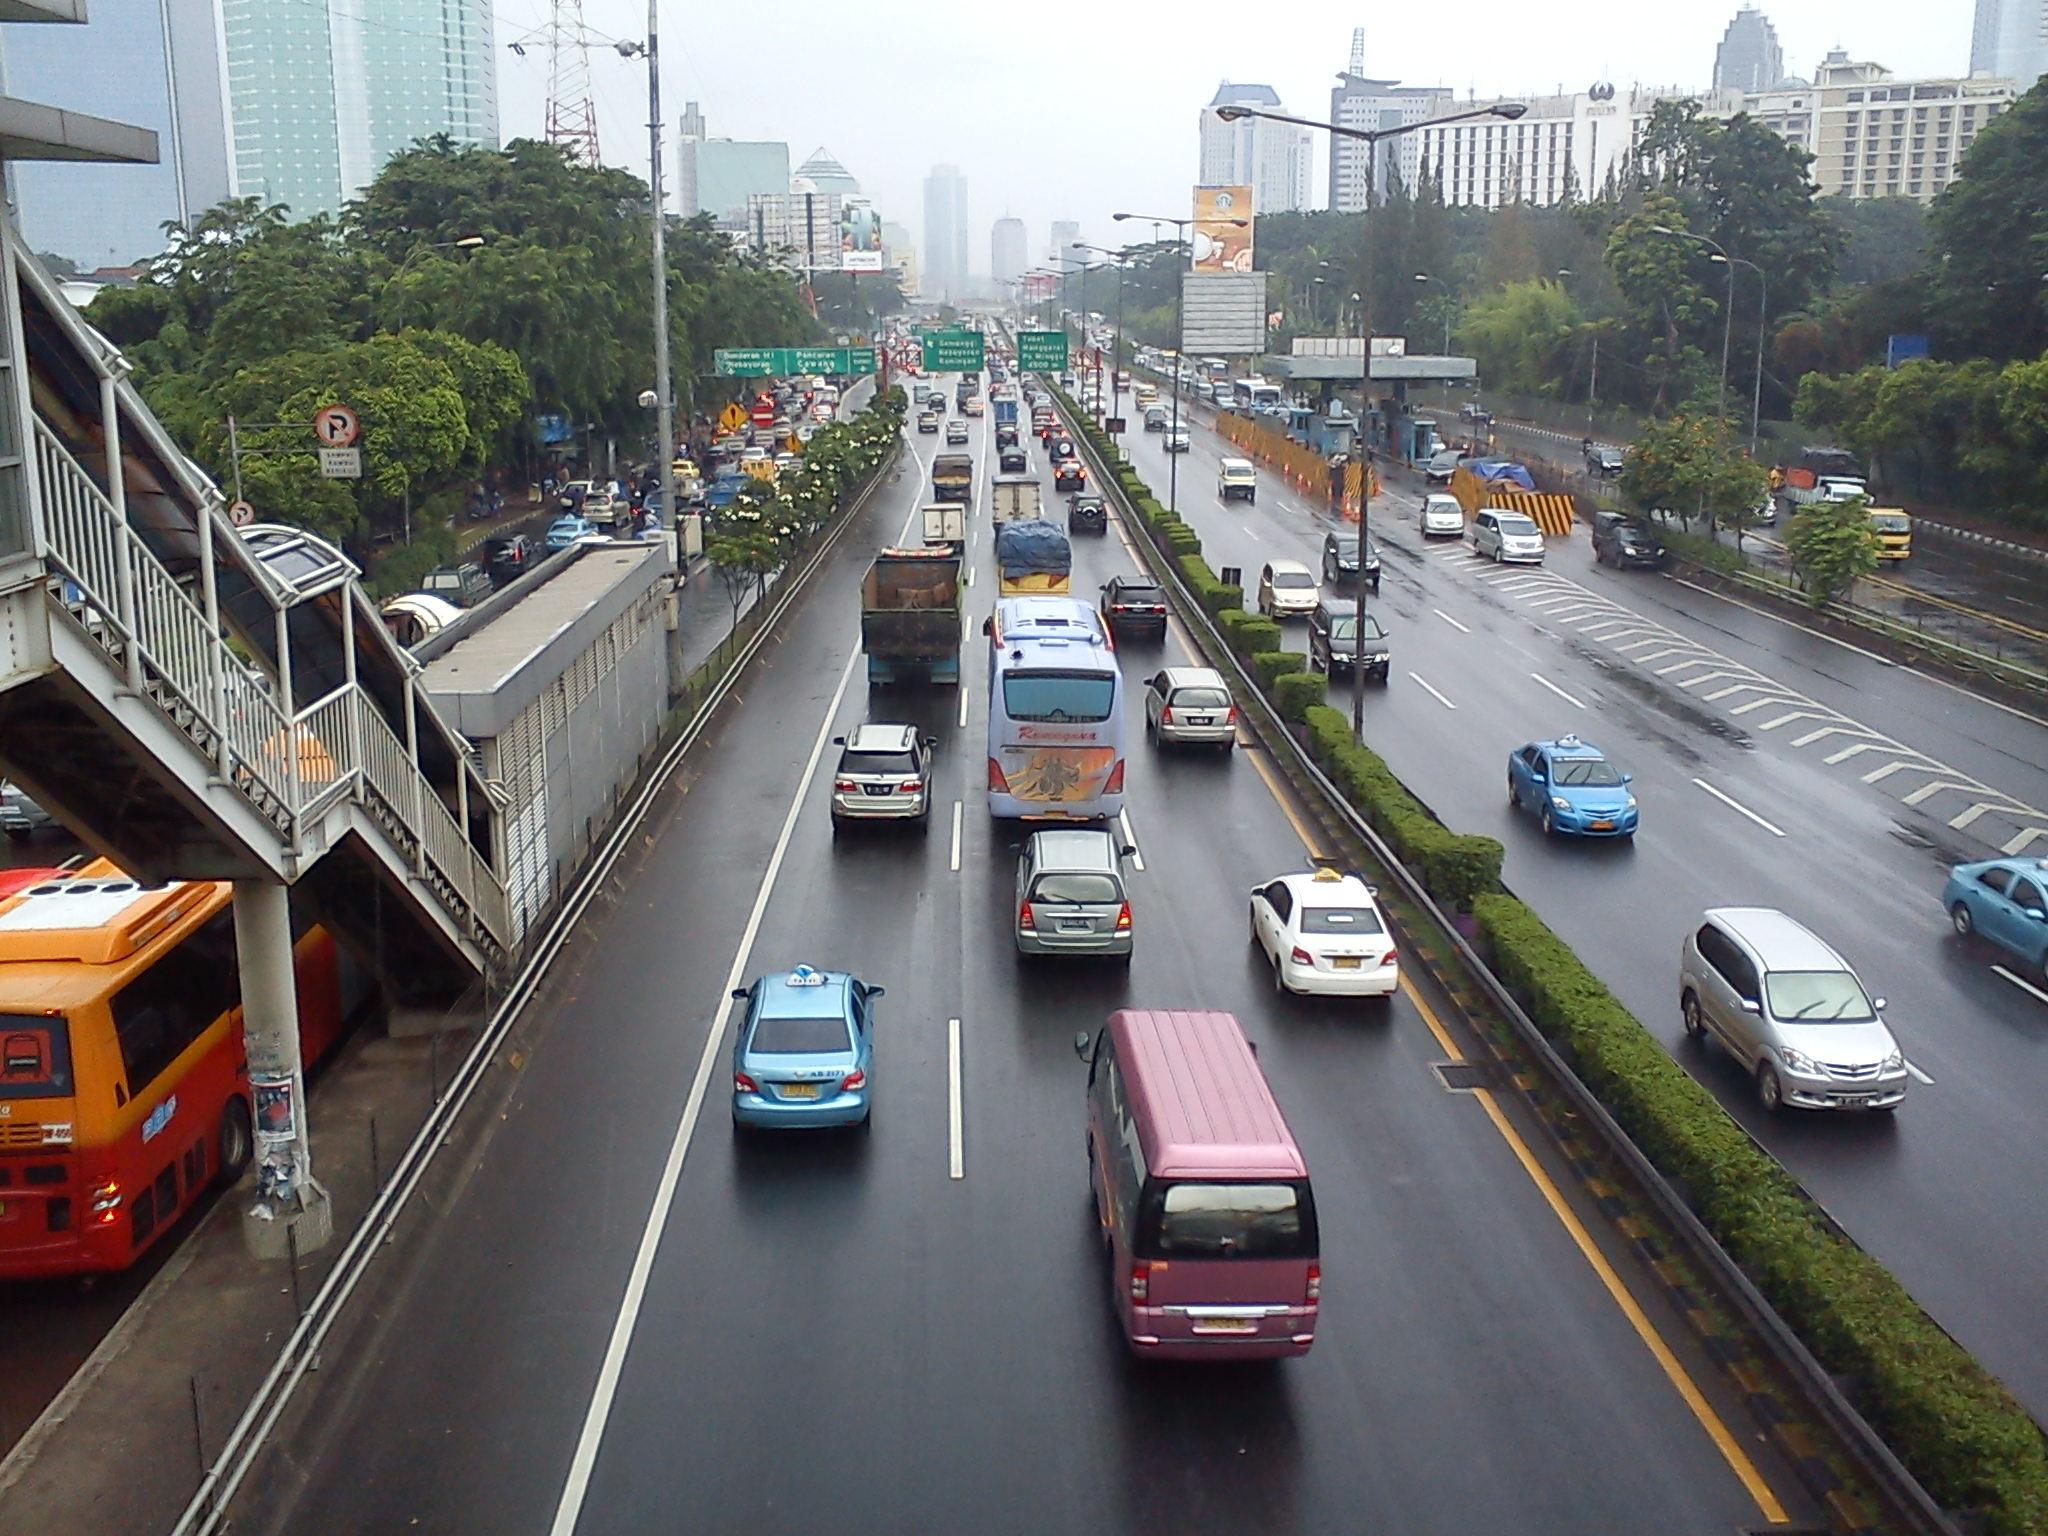 Kết quả hình ảnh cho MRT in jakarta to reduce traffic jams